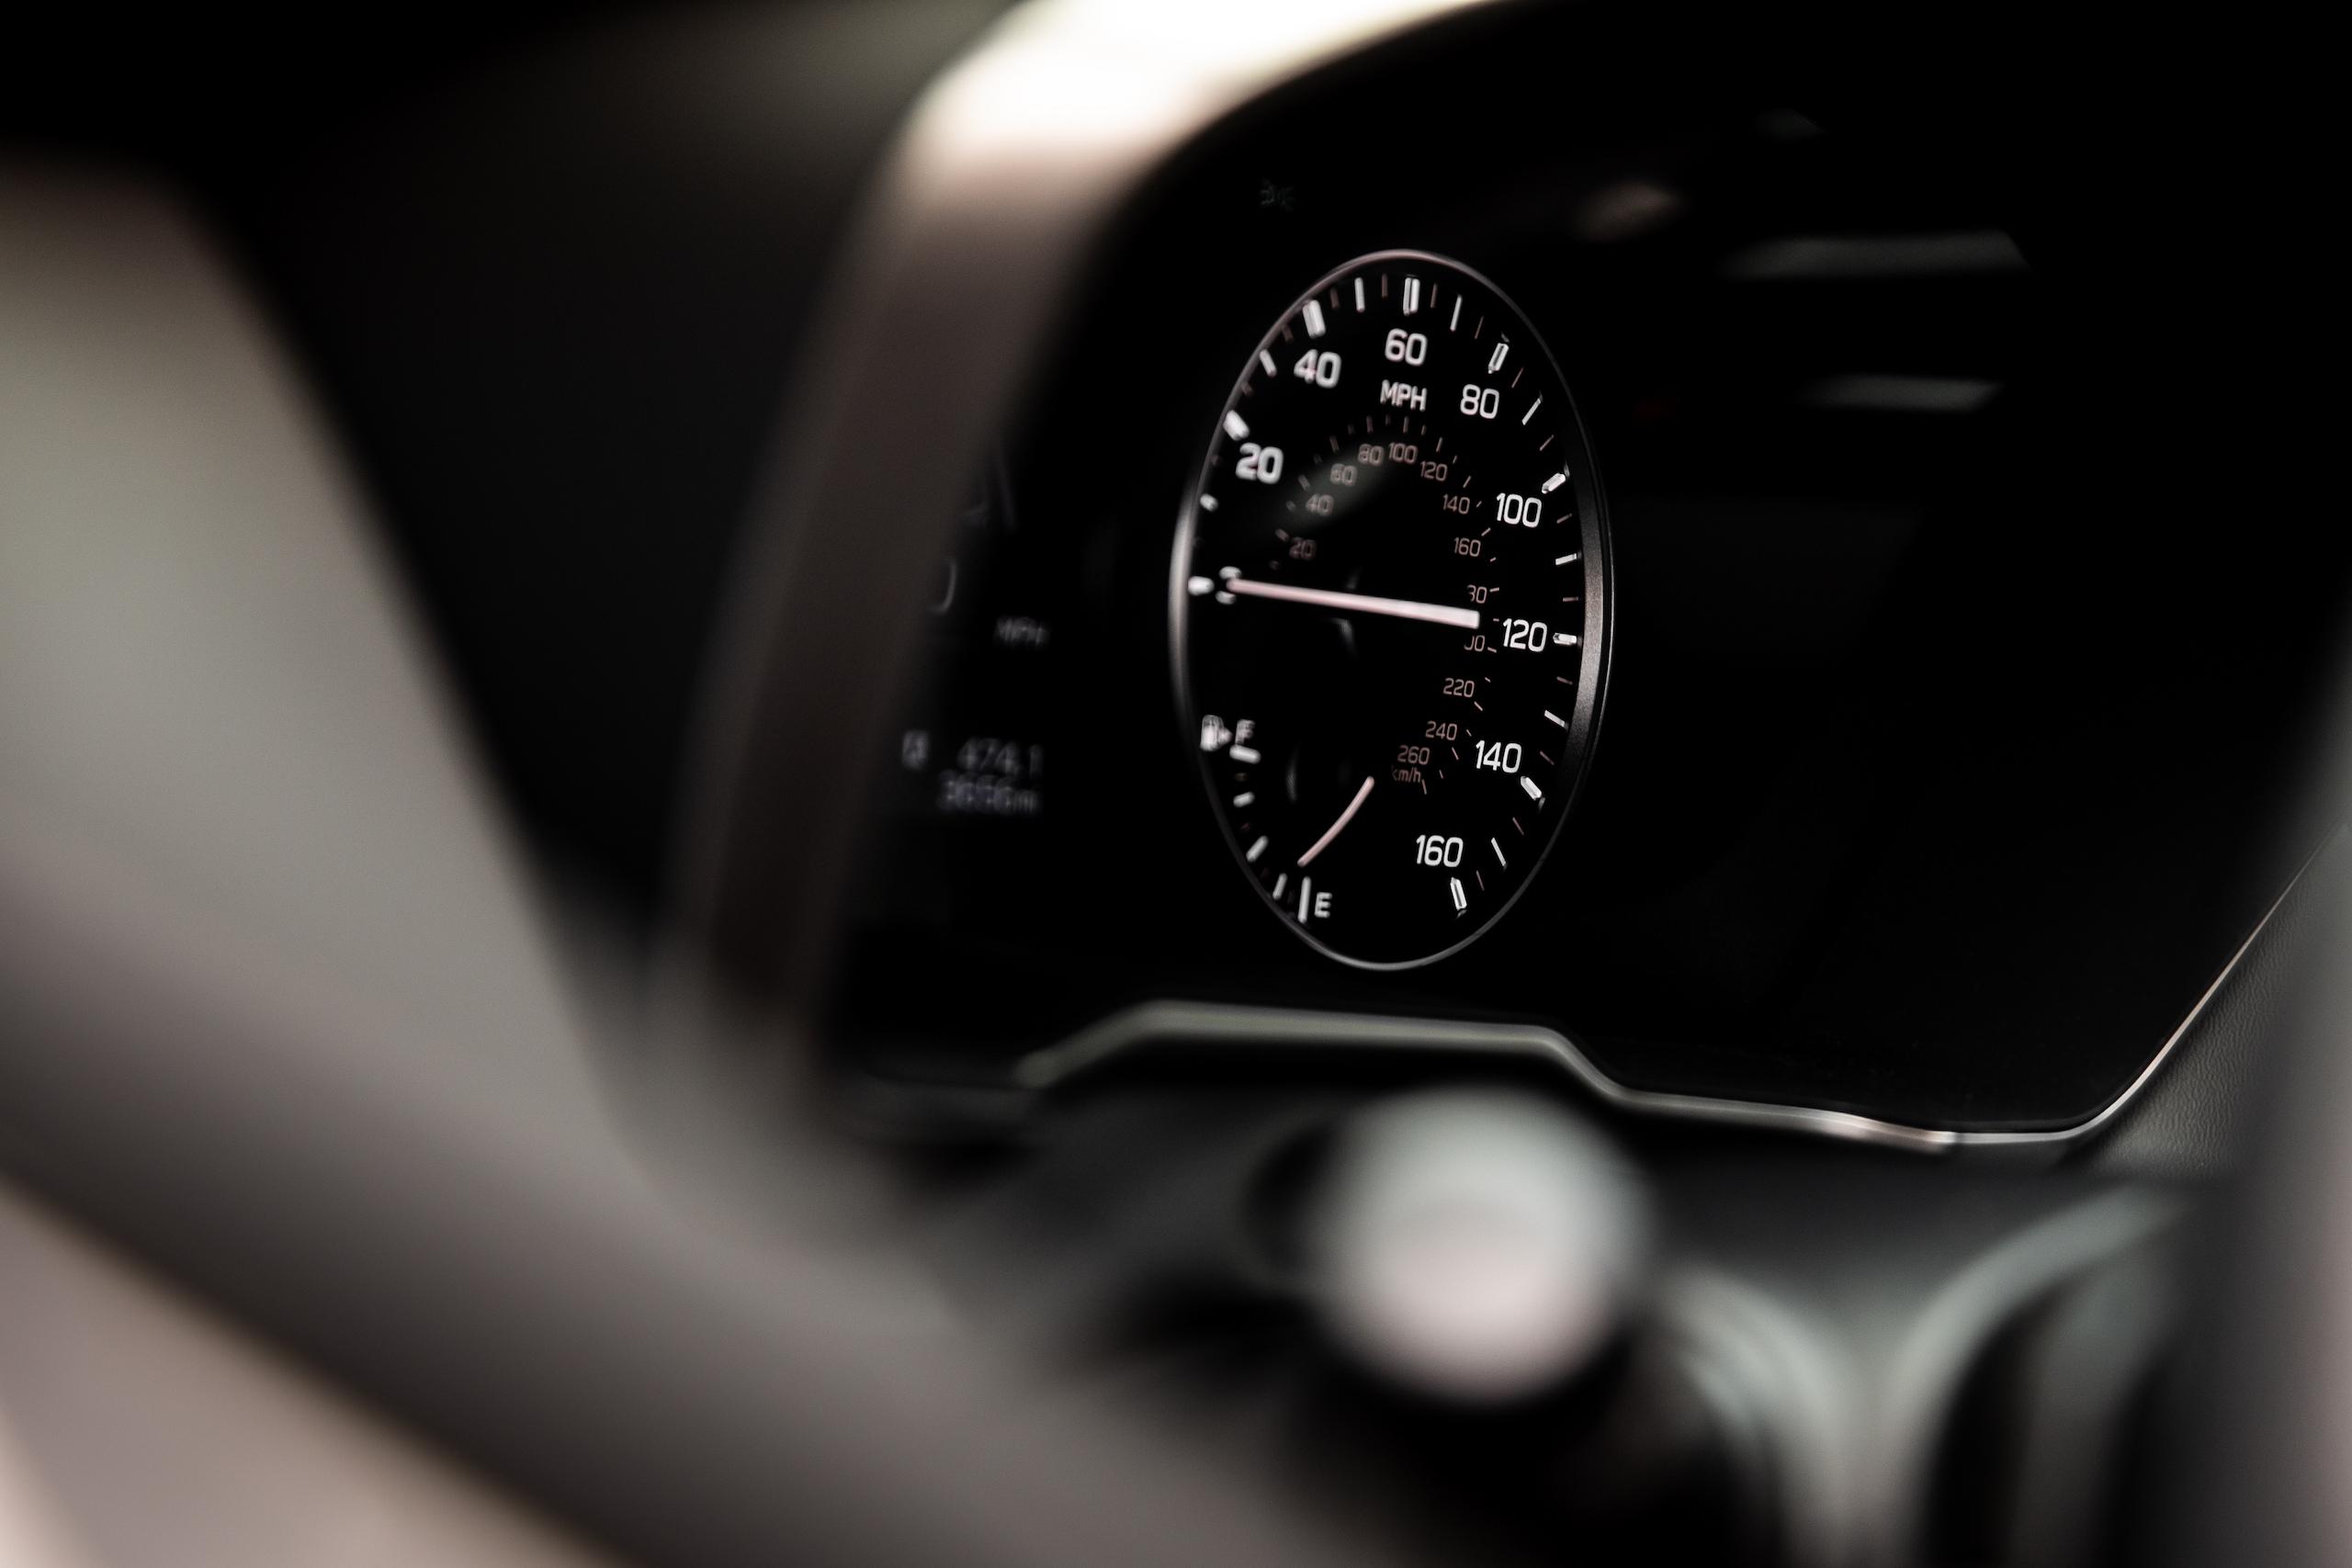 Subaru Outback speedometer gauge detail